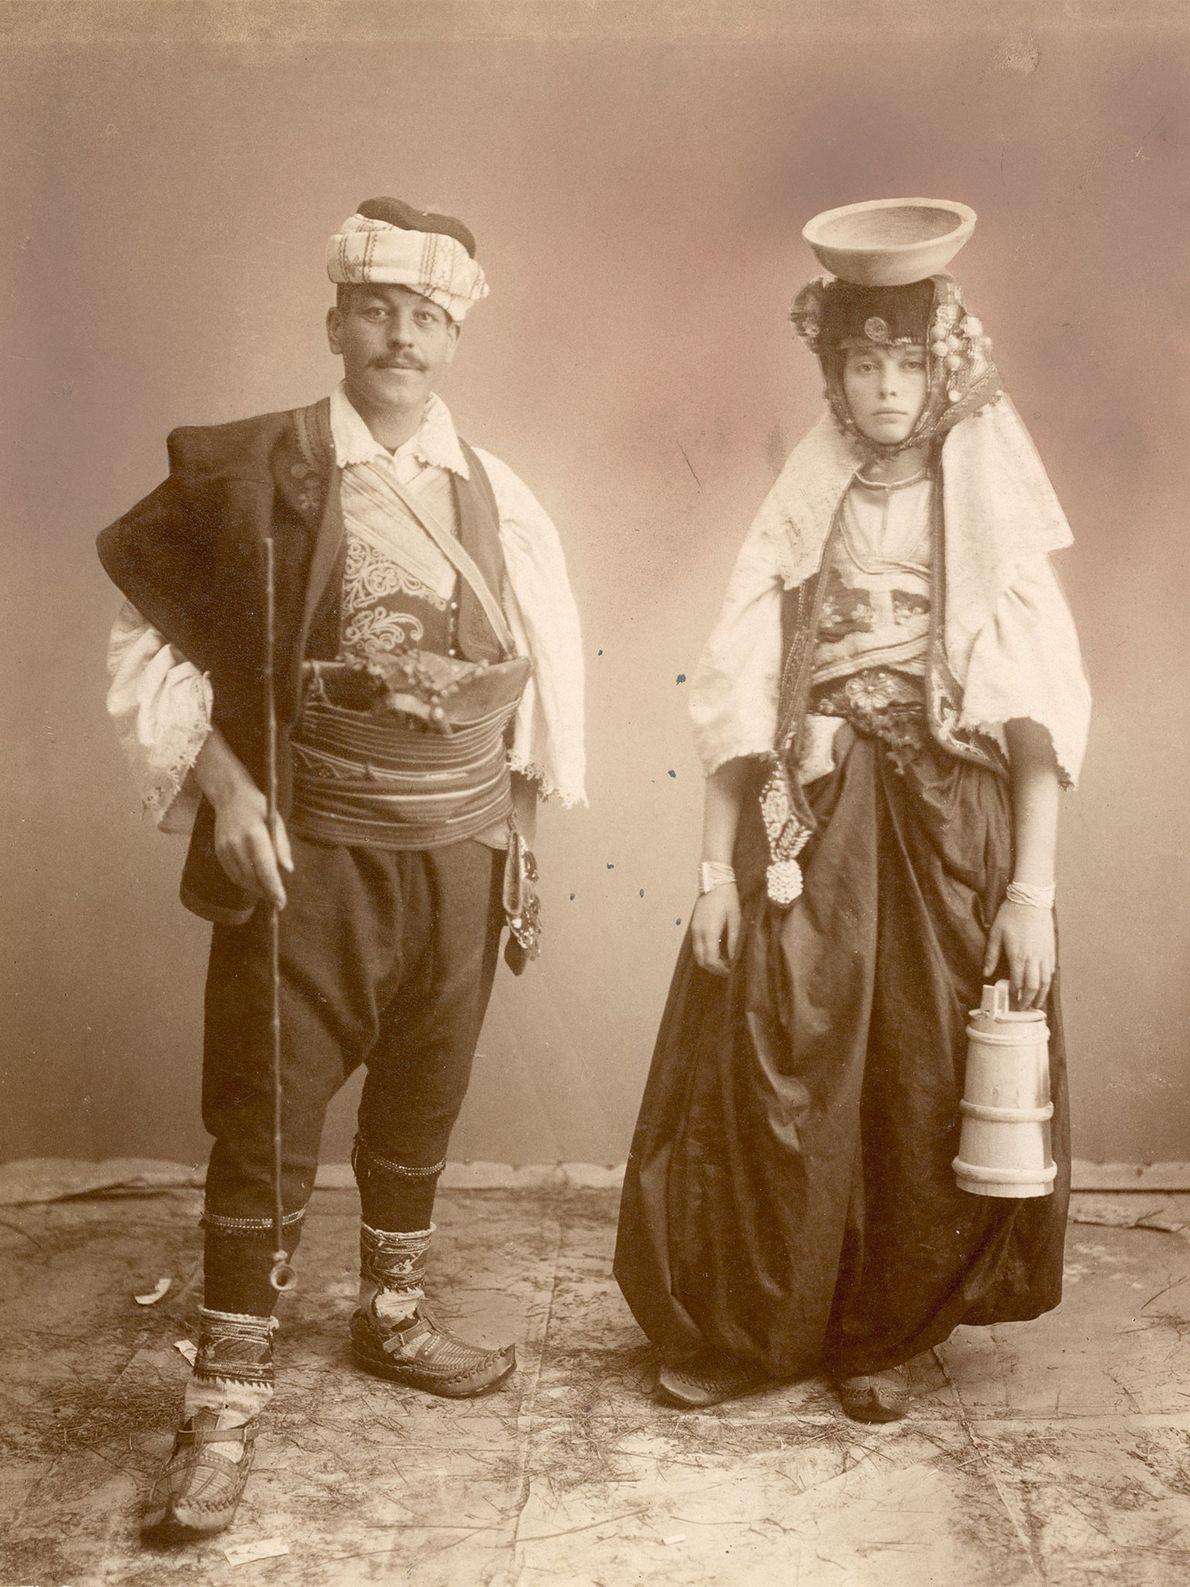 Ein junges serbisches Paar in Bosnien in eleganter, aufwändiger Gewandung, zu der auch ein schalenförmiger Hut ...